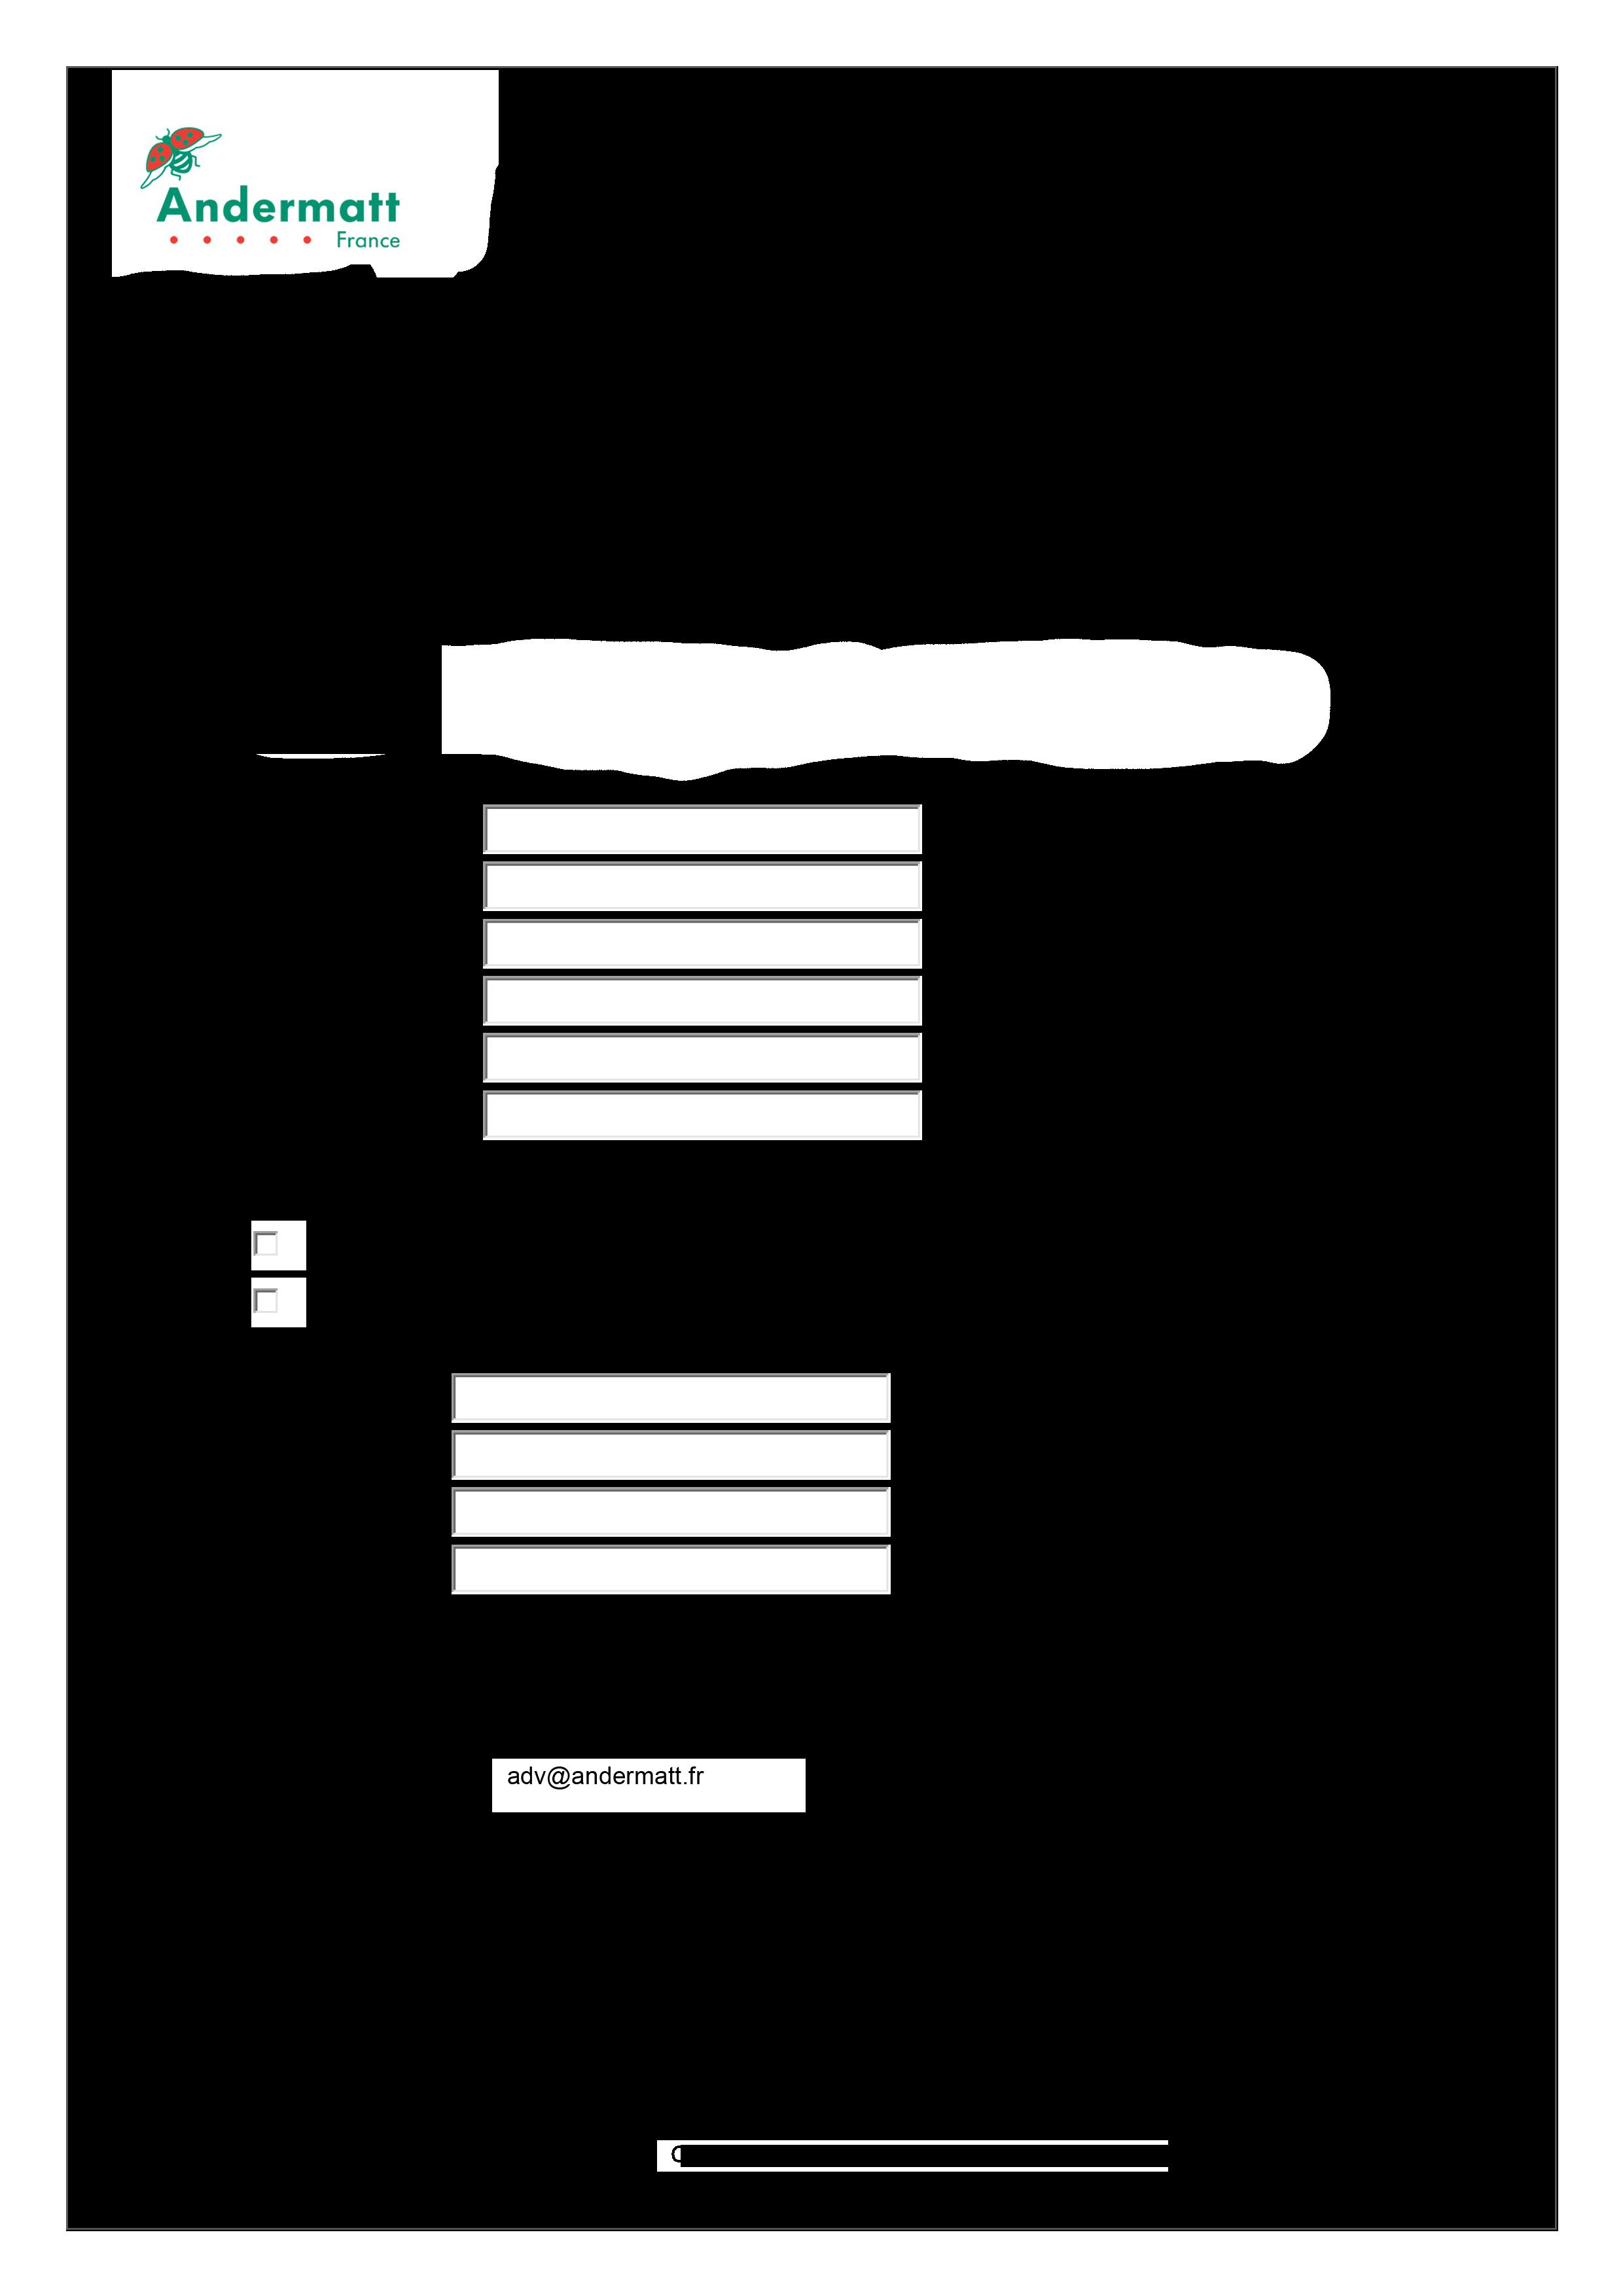 Andermatt France - formulaire de rétractation